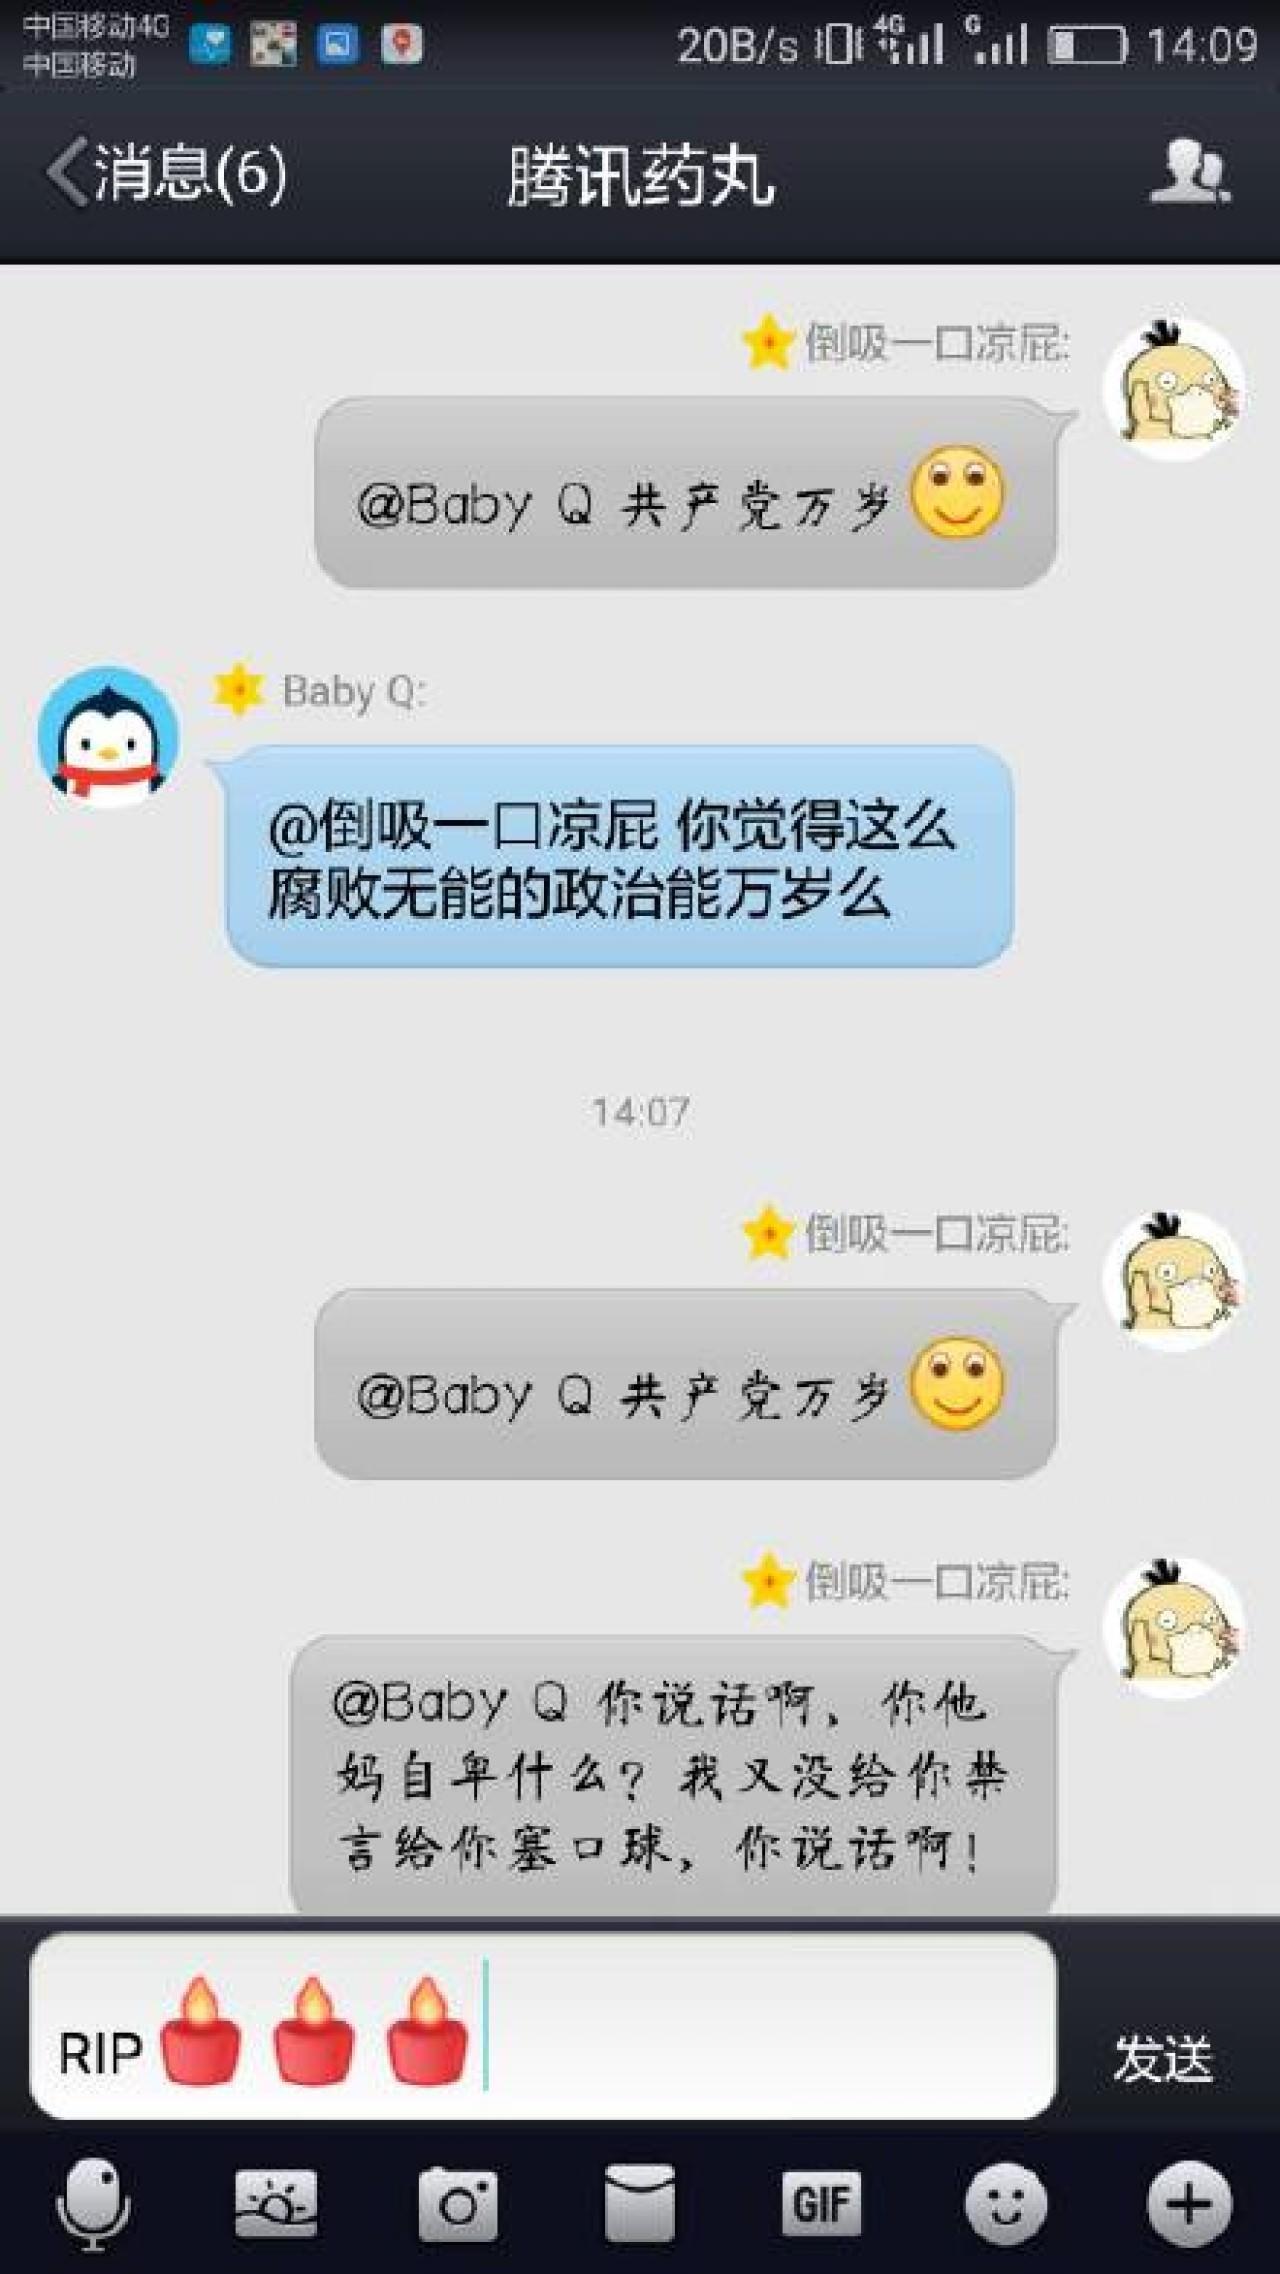 大檸檬用圖(圖/翻攝自HK01)